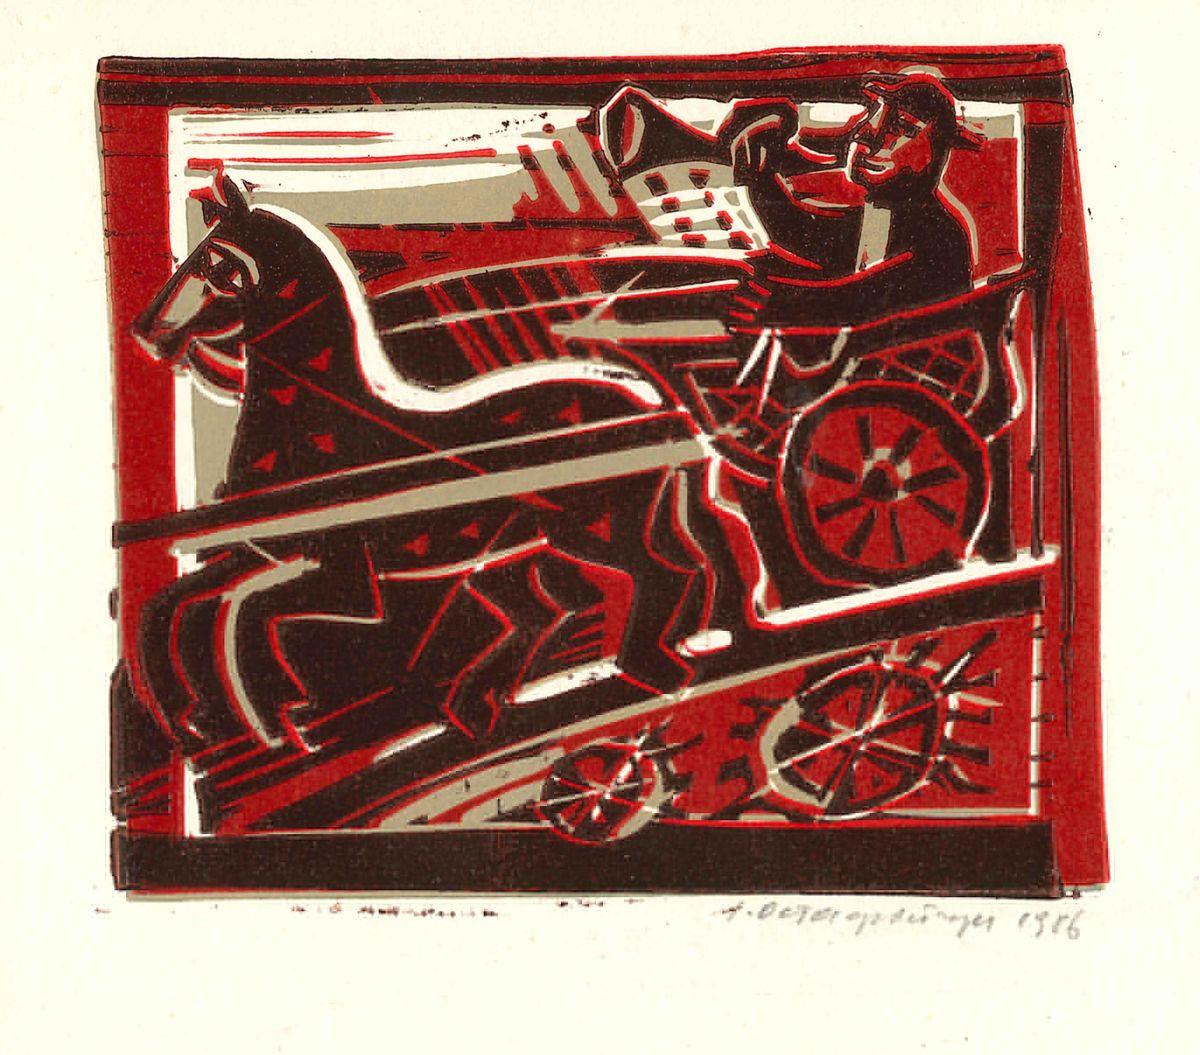 Іван Остафійчук. PF-1987. Монотипія, 1986